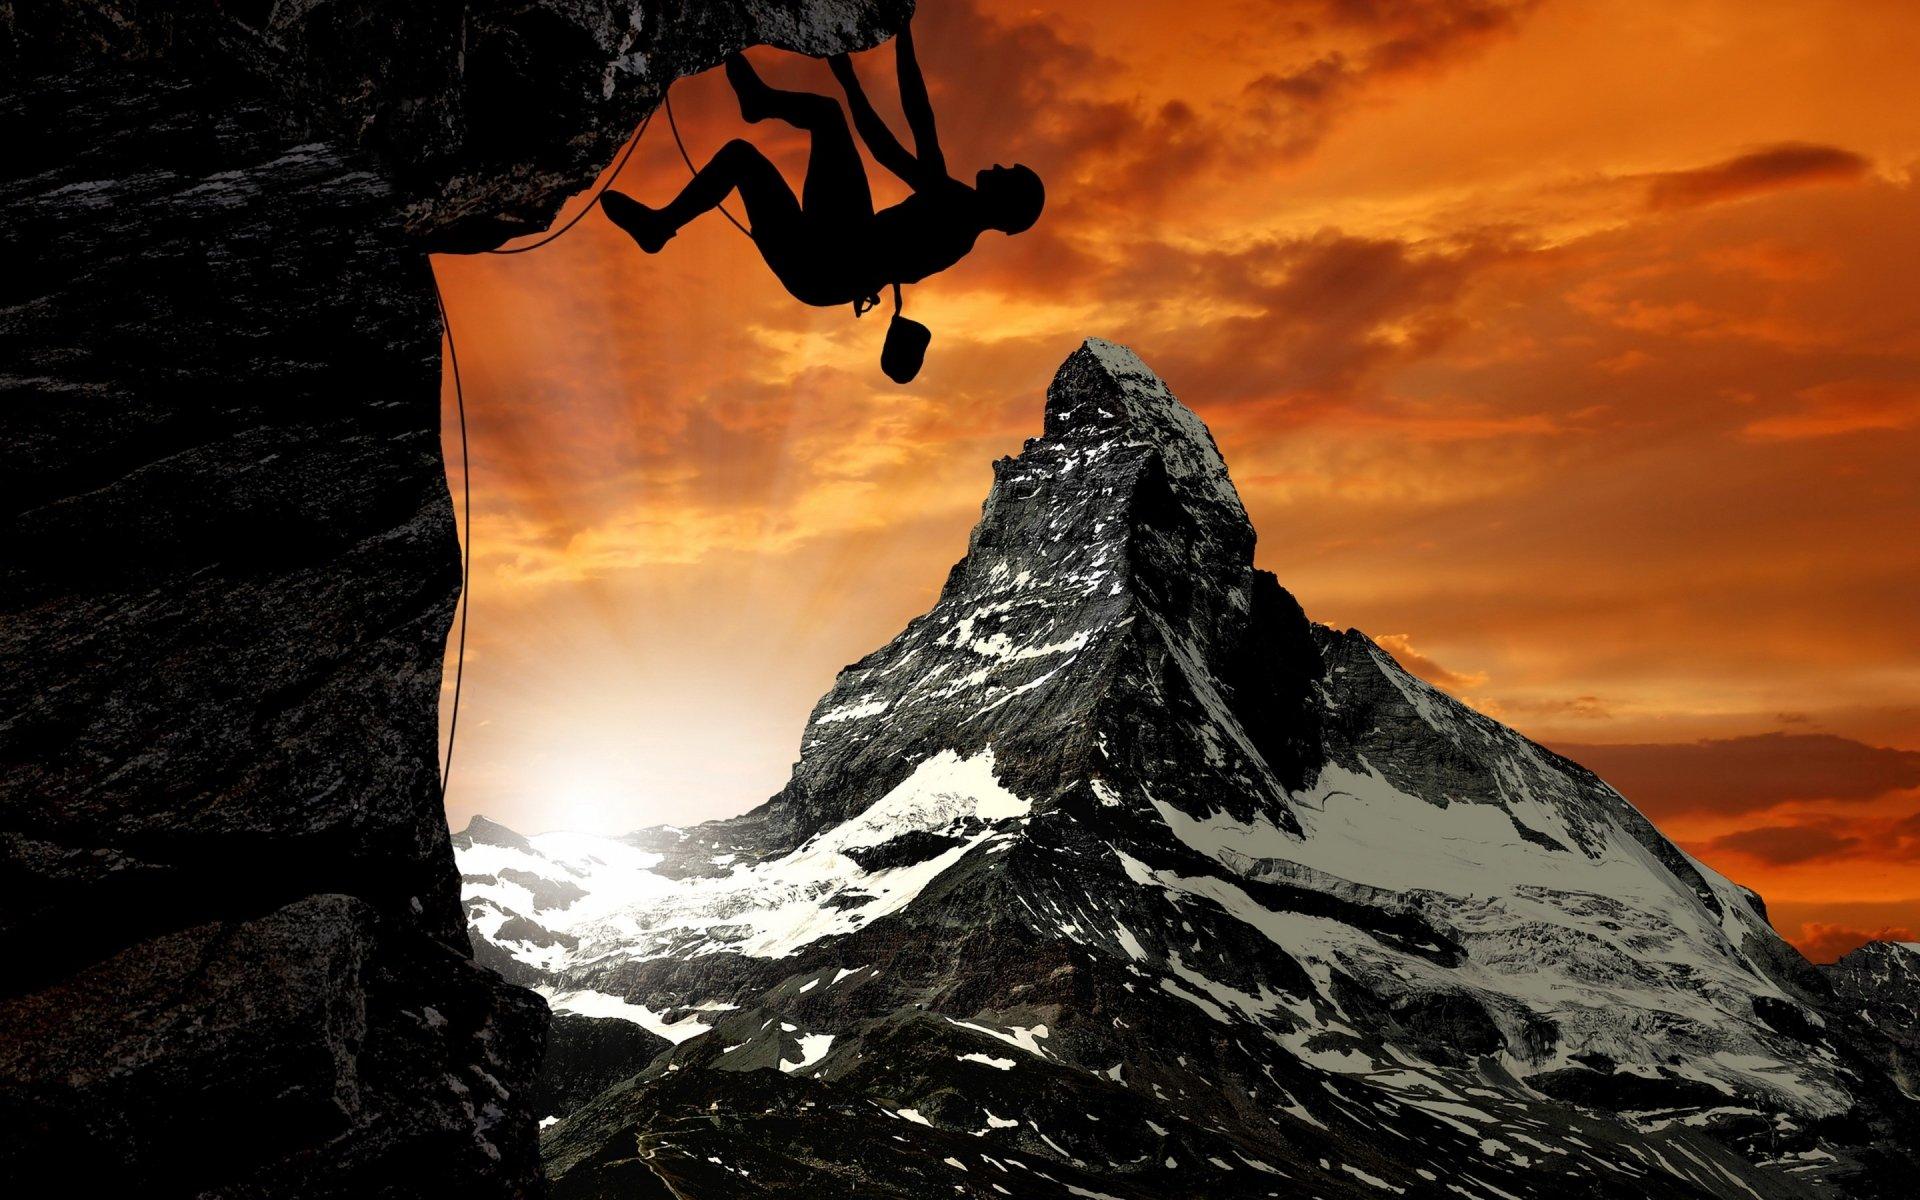 climbing Full HD Fond d'écran and Arrière-Plan | 2880x1800 | ID:460227